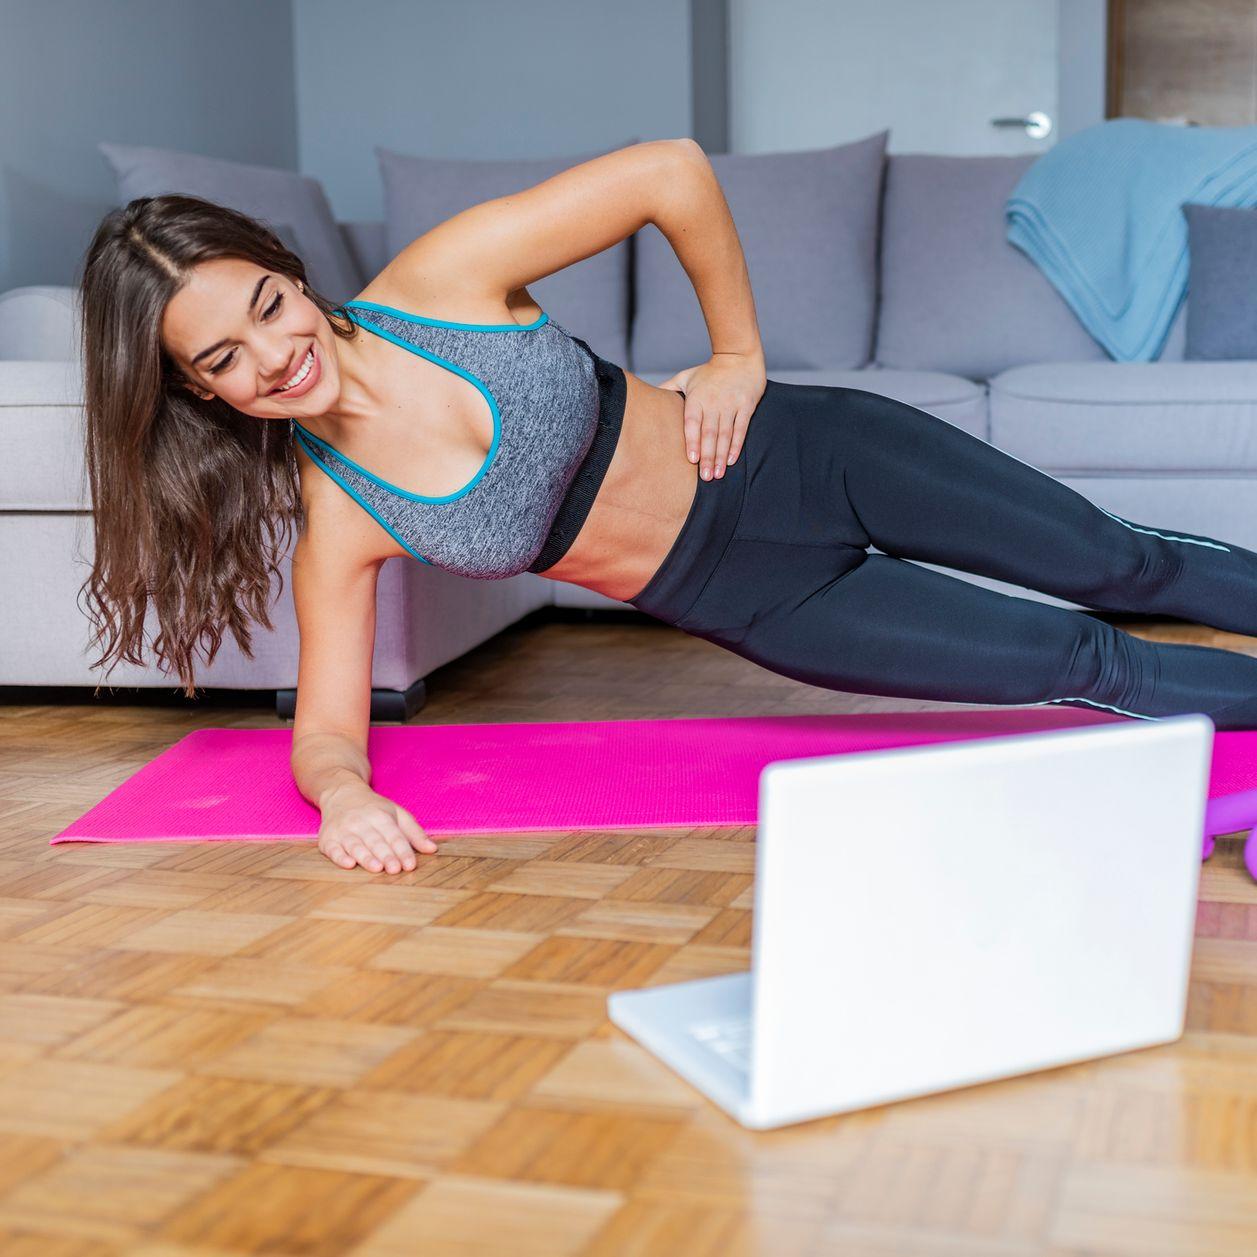 Comment pratiquer son sport à la maison pour être fit sans abonnement à une salle ?